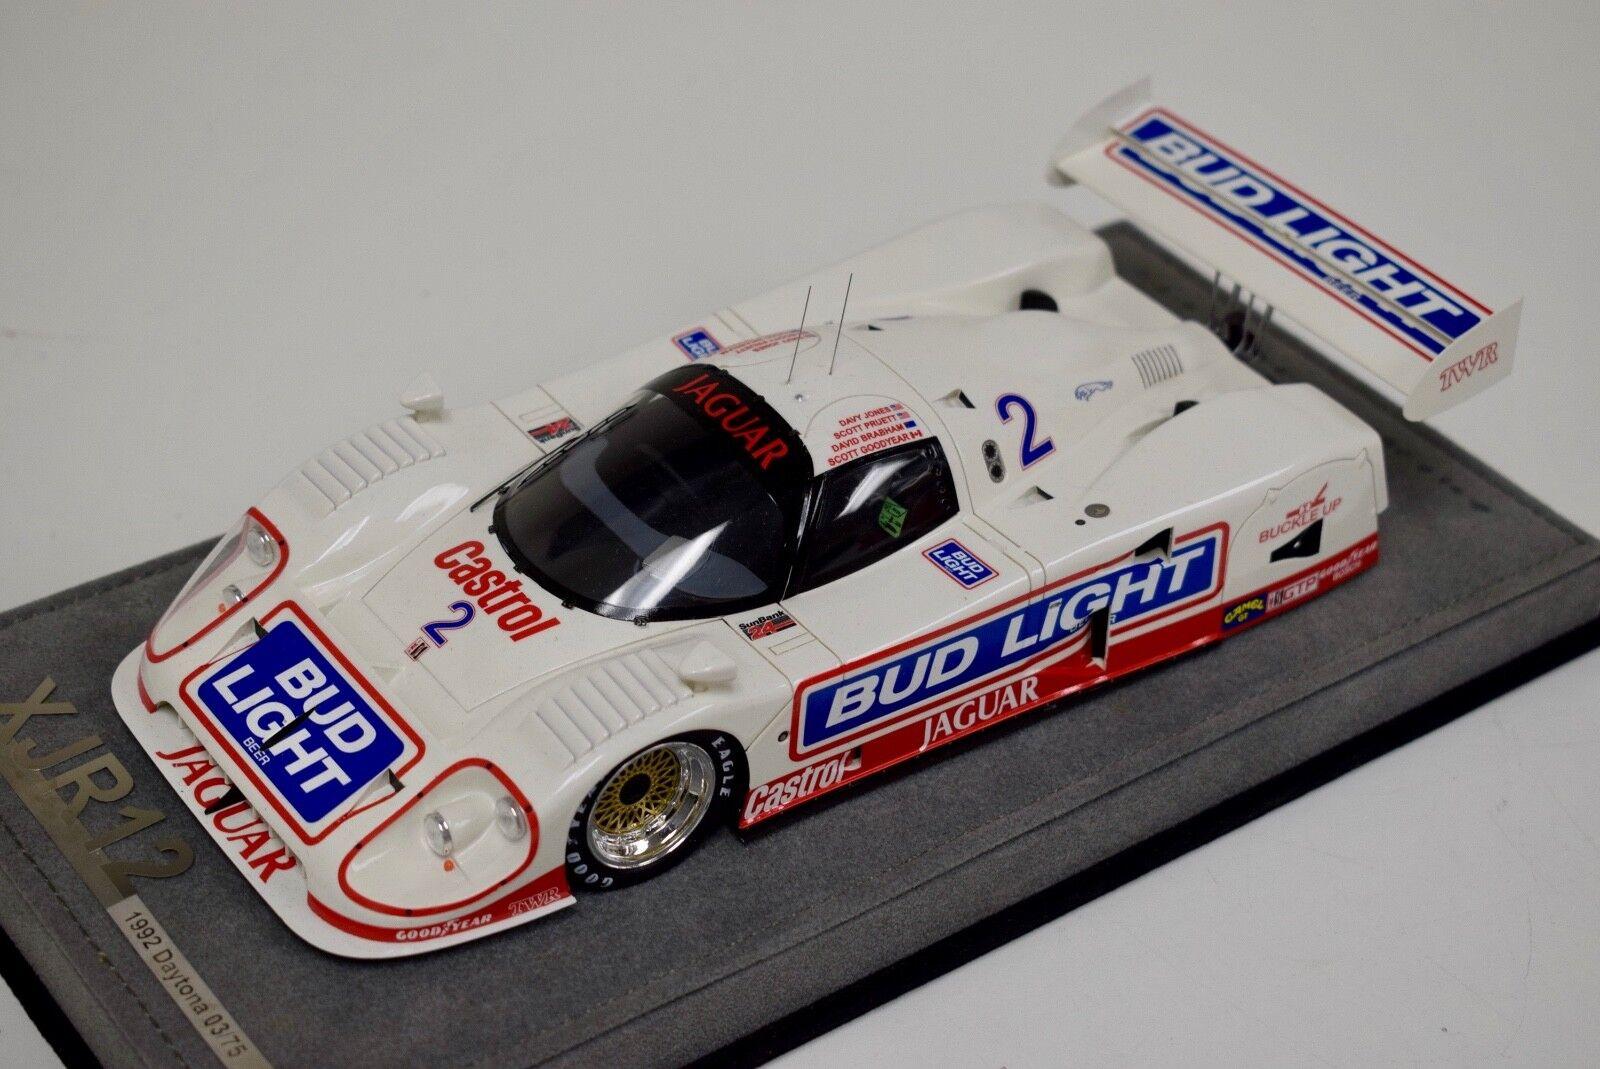 1 18 AB Models Jaguar XJR12 1992 24 Hours of Daytona Car DX